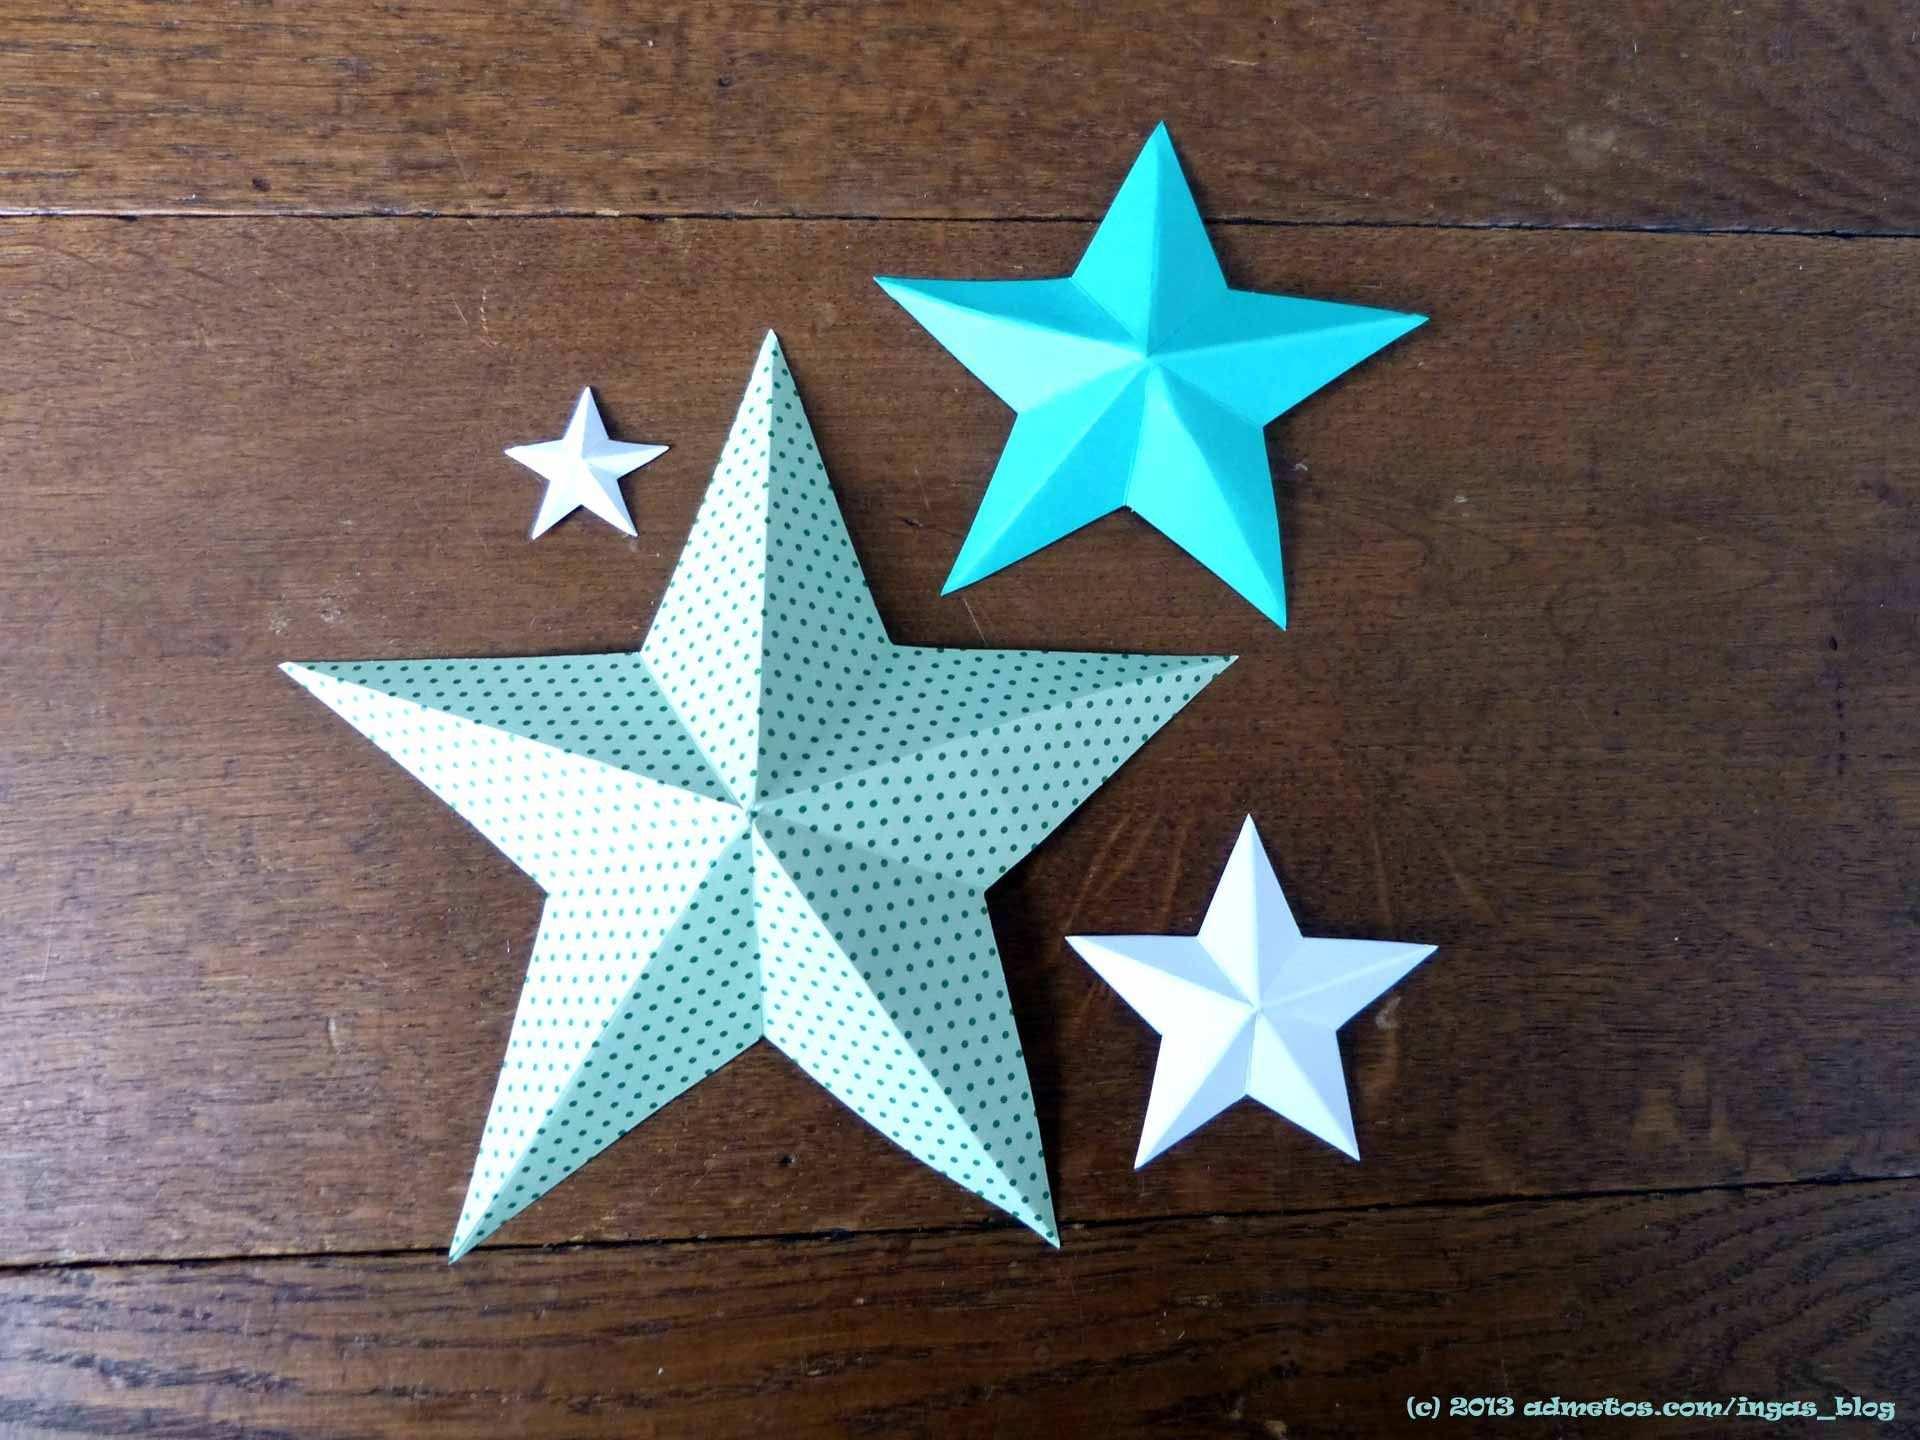 3d Papierstern Druckvorlage Jpg 1 920 1 440 Pixel Sterne Basteln Aus Papier 3d Sterne Basteln Papiersterne